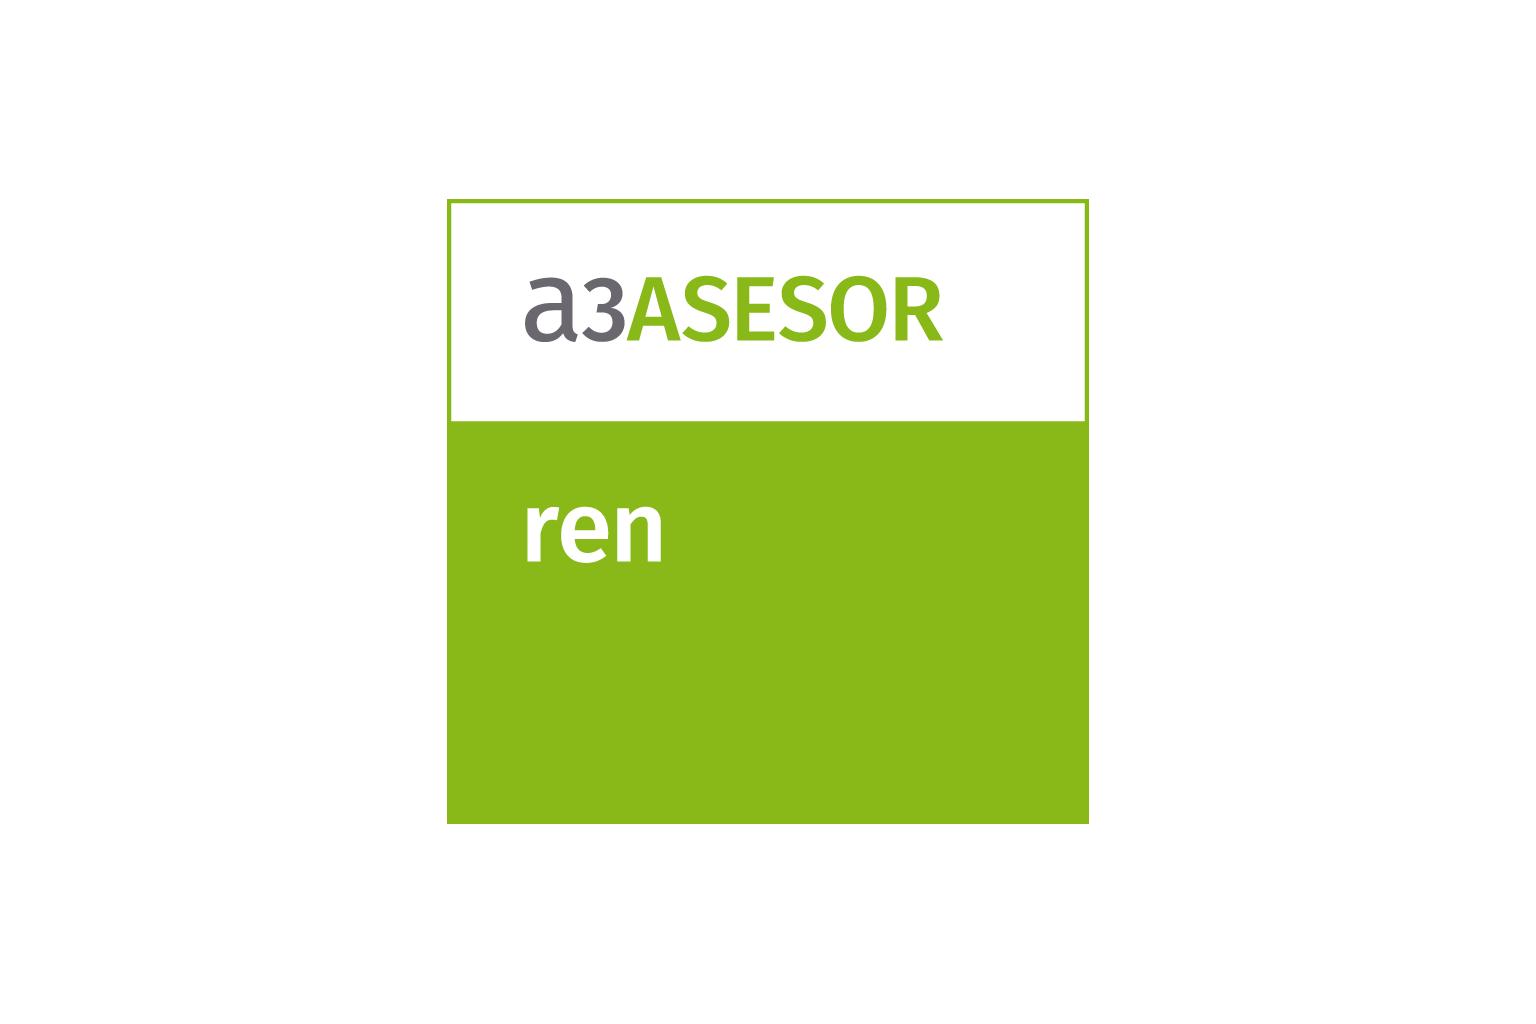 a3ASESOR-ren